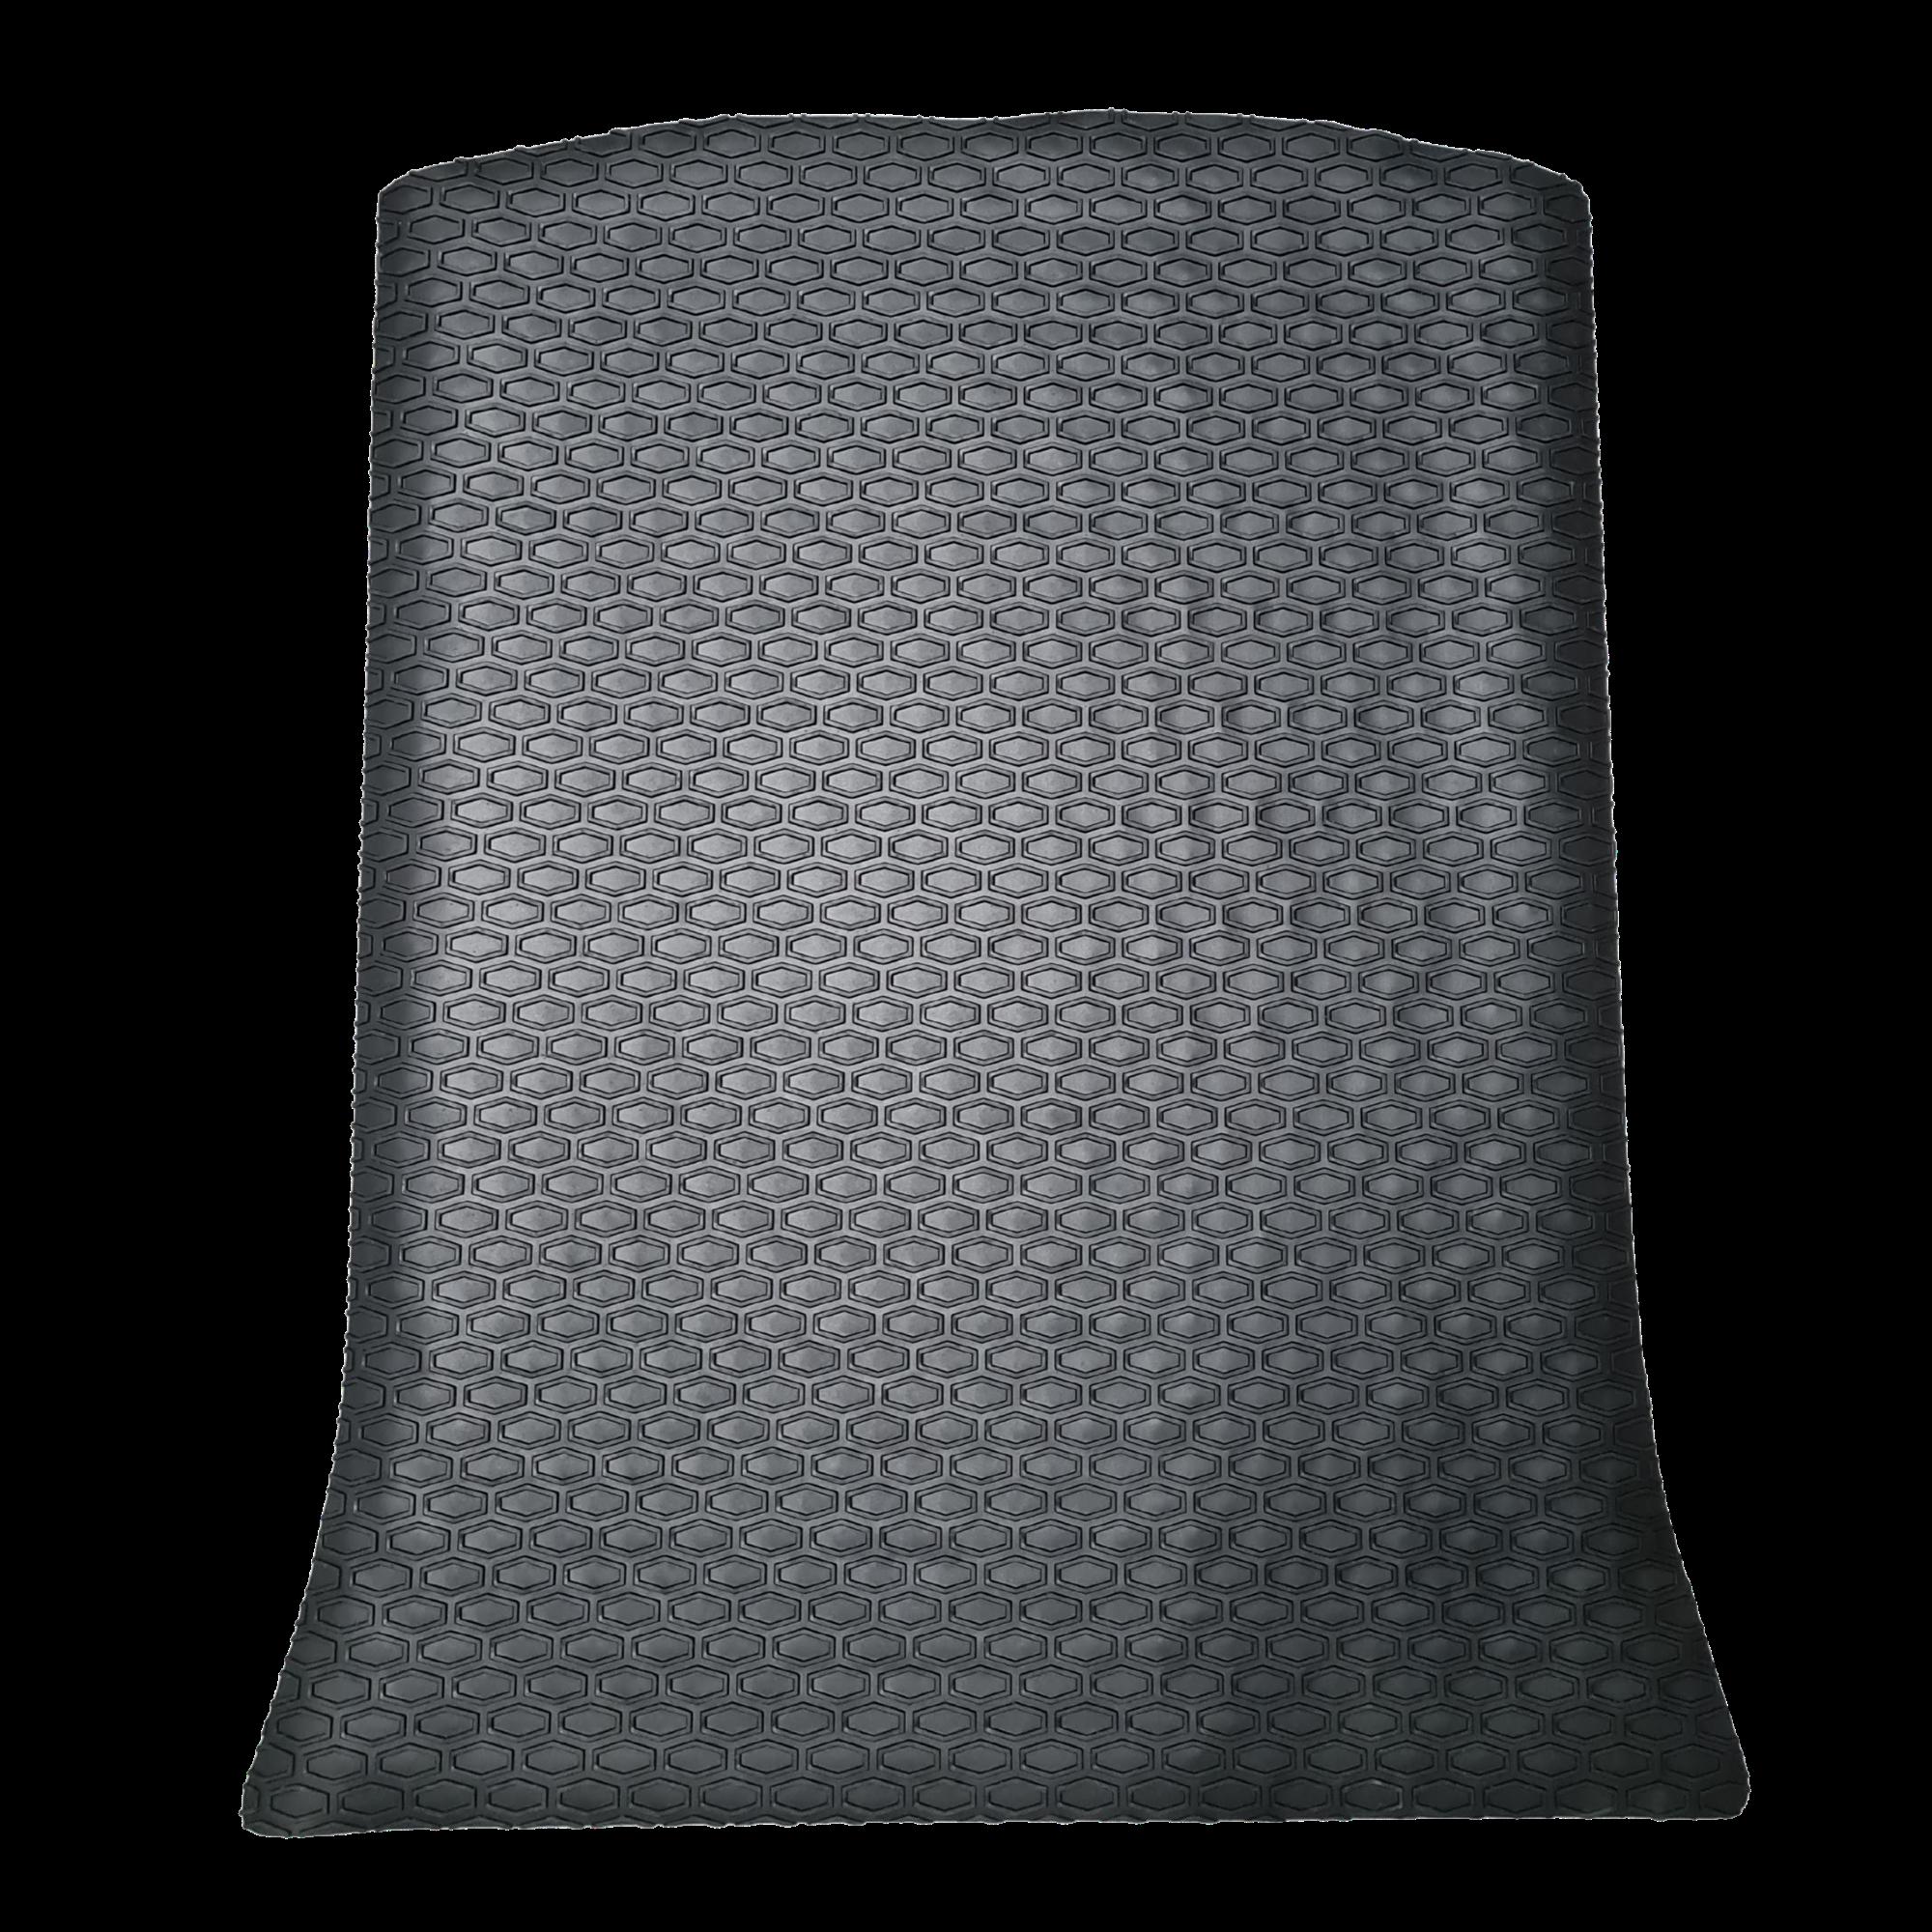 floor mats for telsa model 3 australia